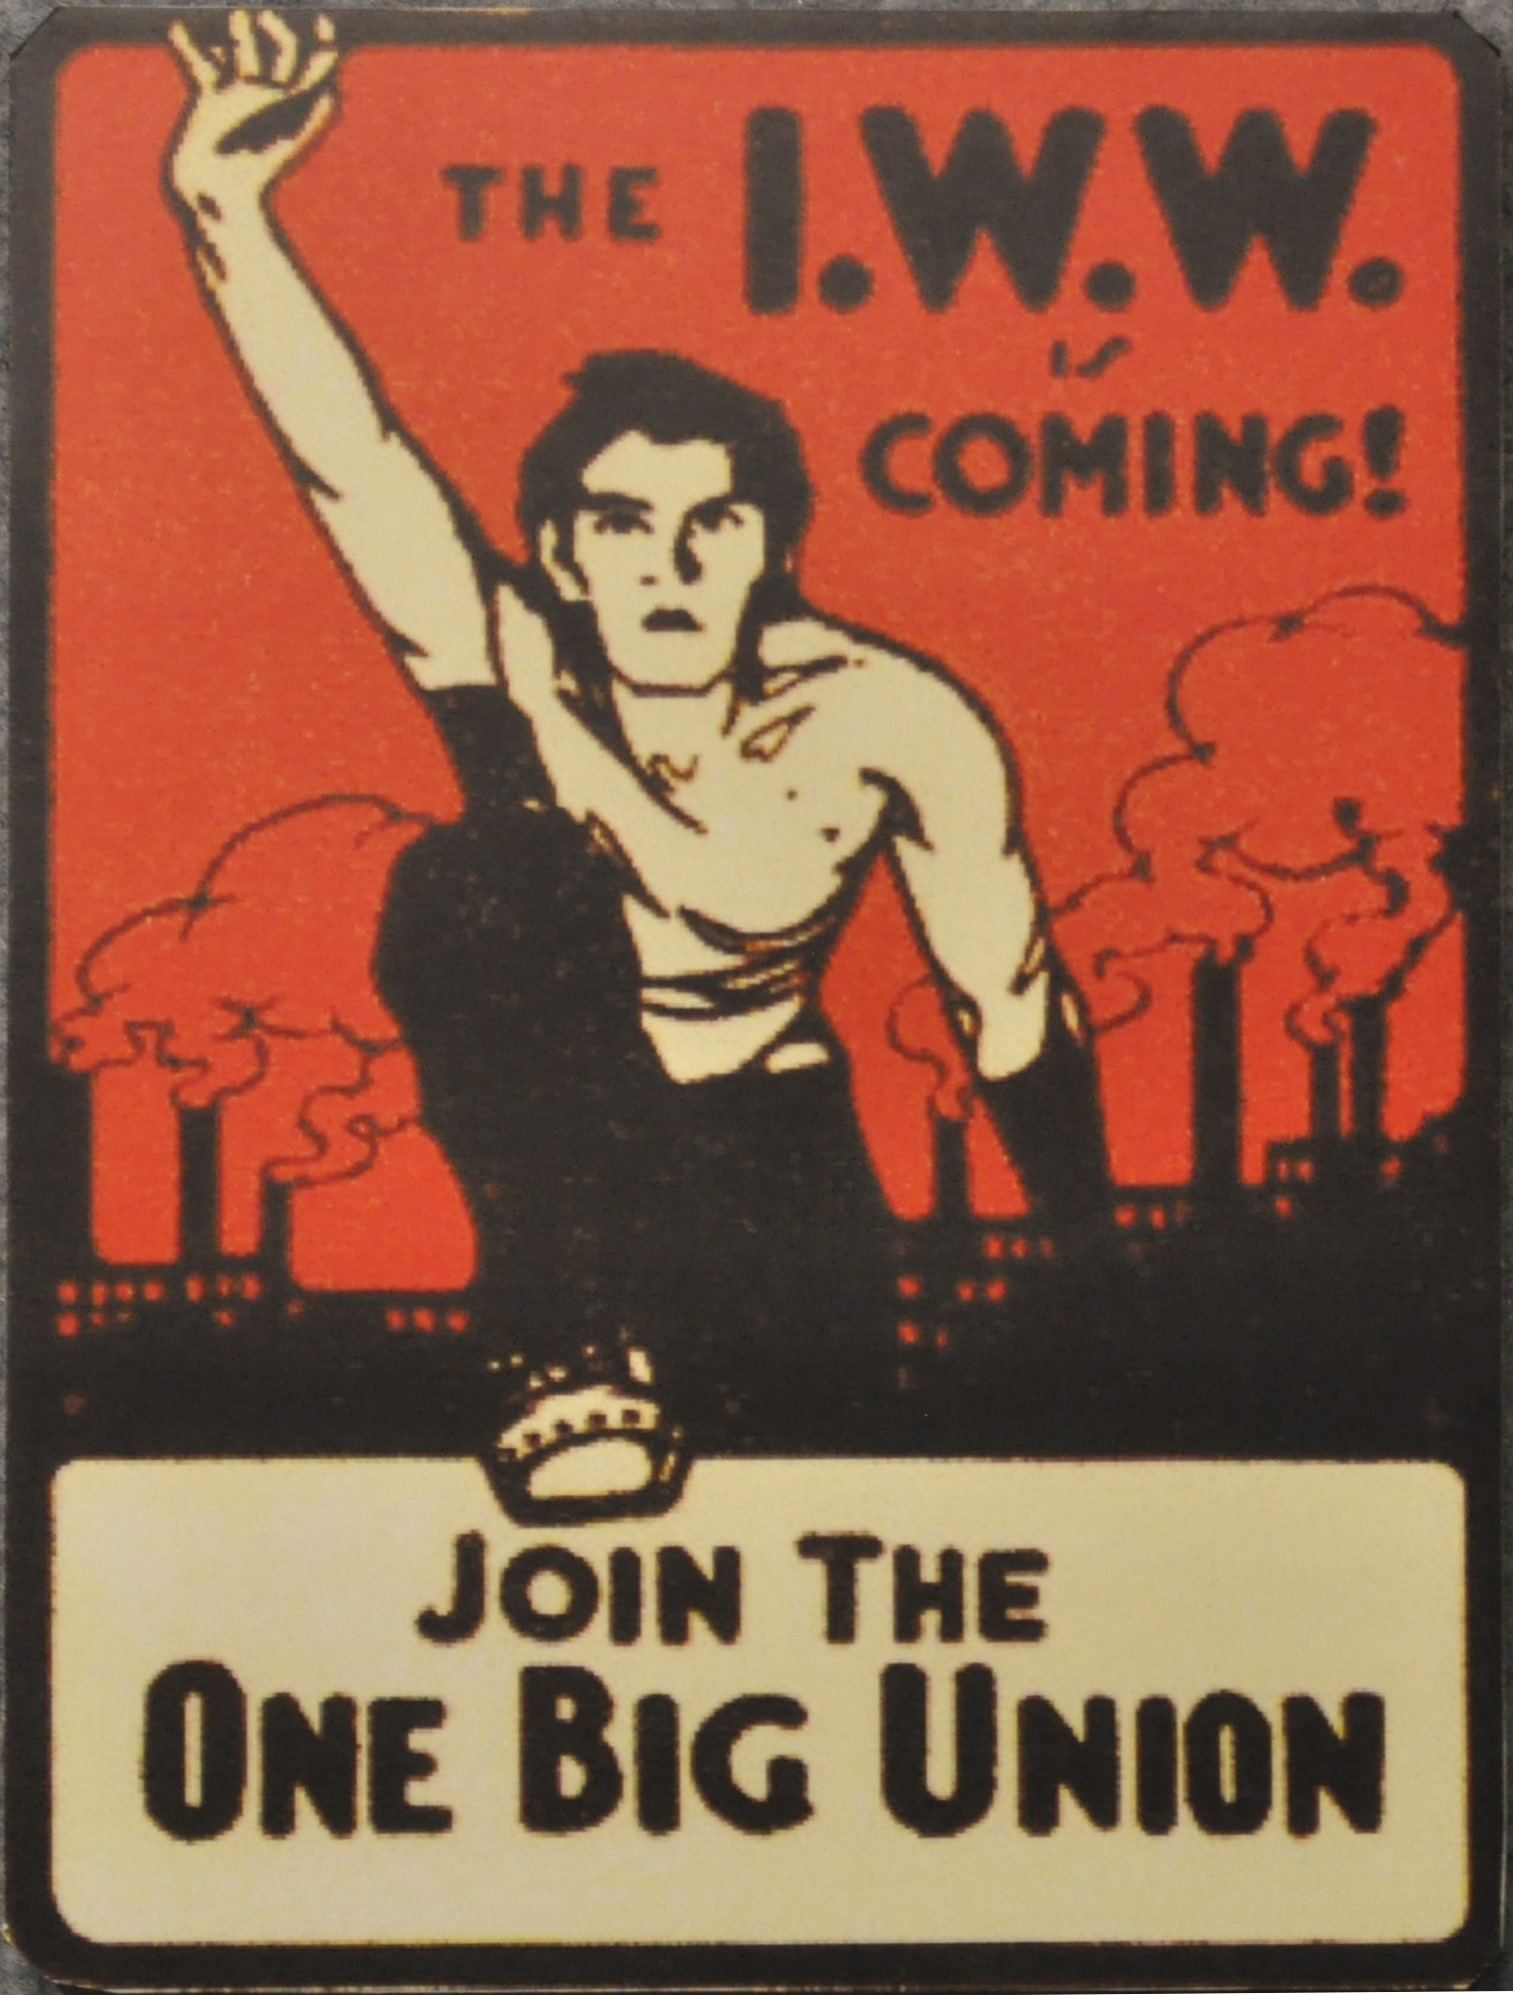 ב-24 בספטמבר 1918 ממשלת קנדה השמרנית קבעה כי חברות בארגון פועלי התעשייה של העולם אינה חוקית